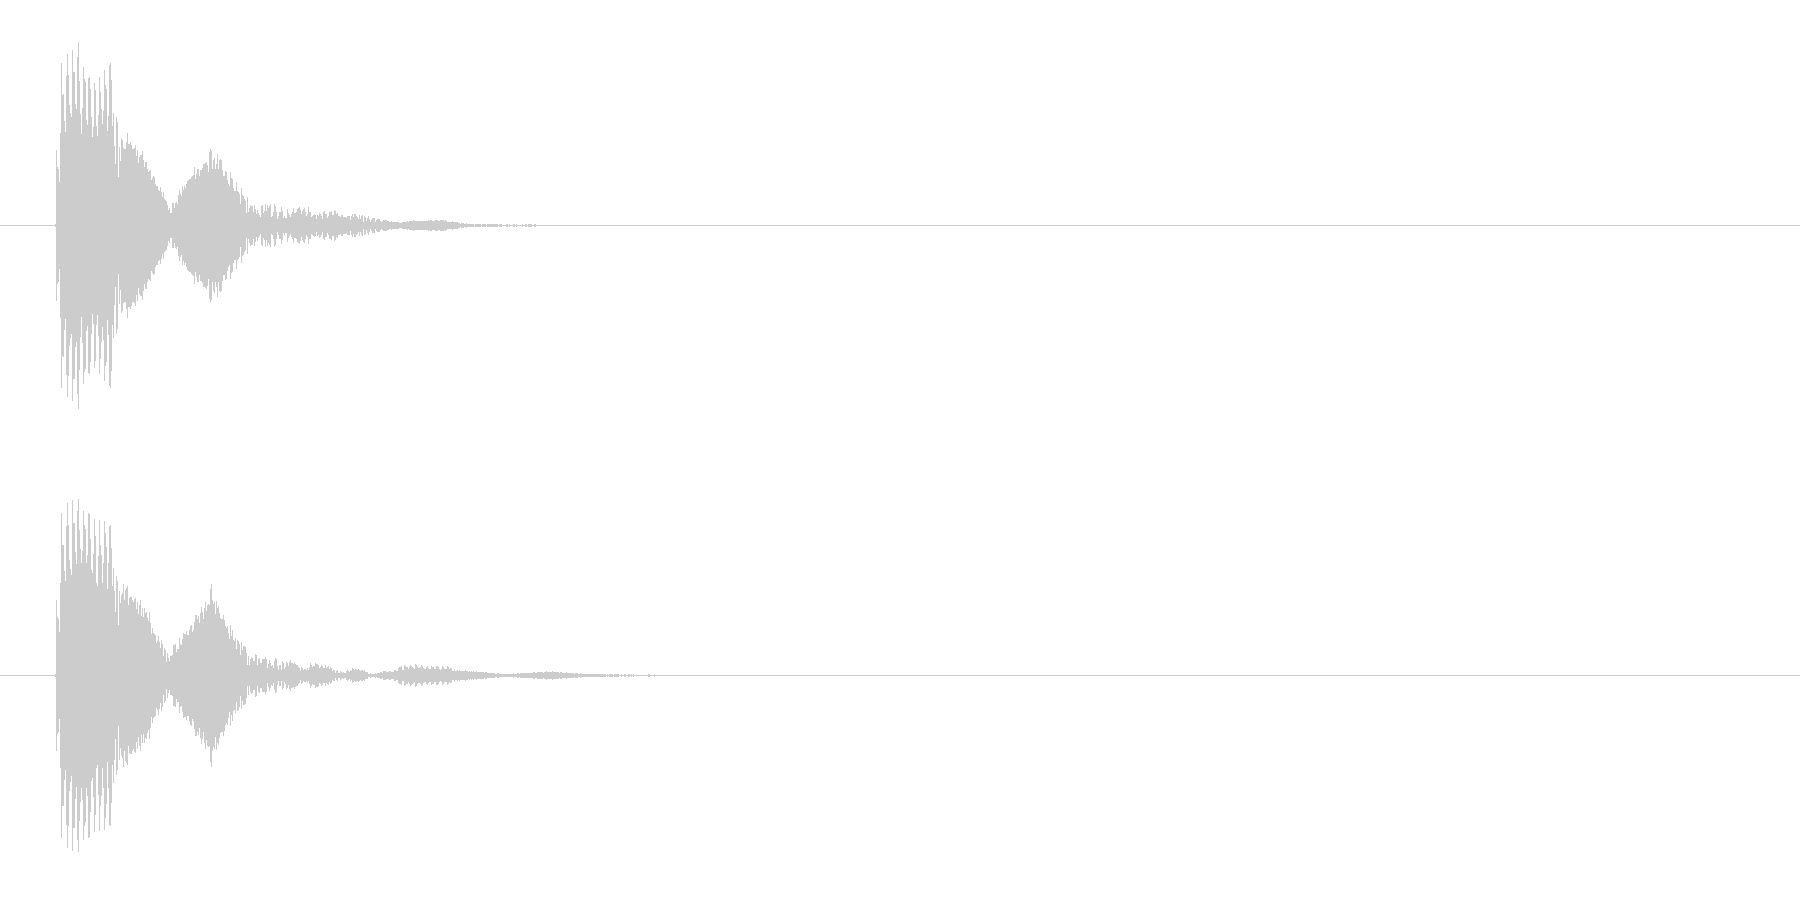 キャンセルや決定ボタン選択音3(ピコン)の未再生の波形